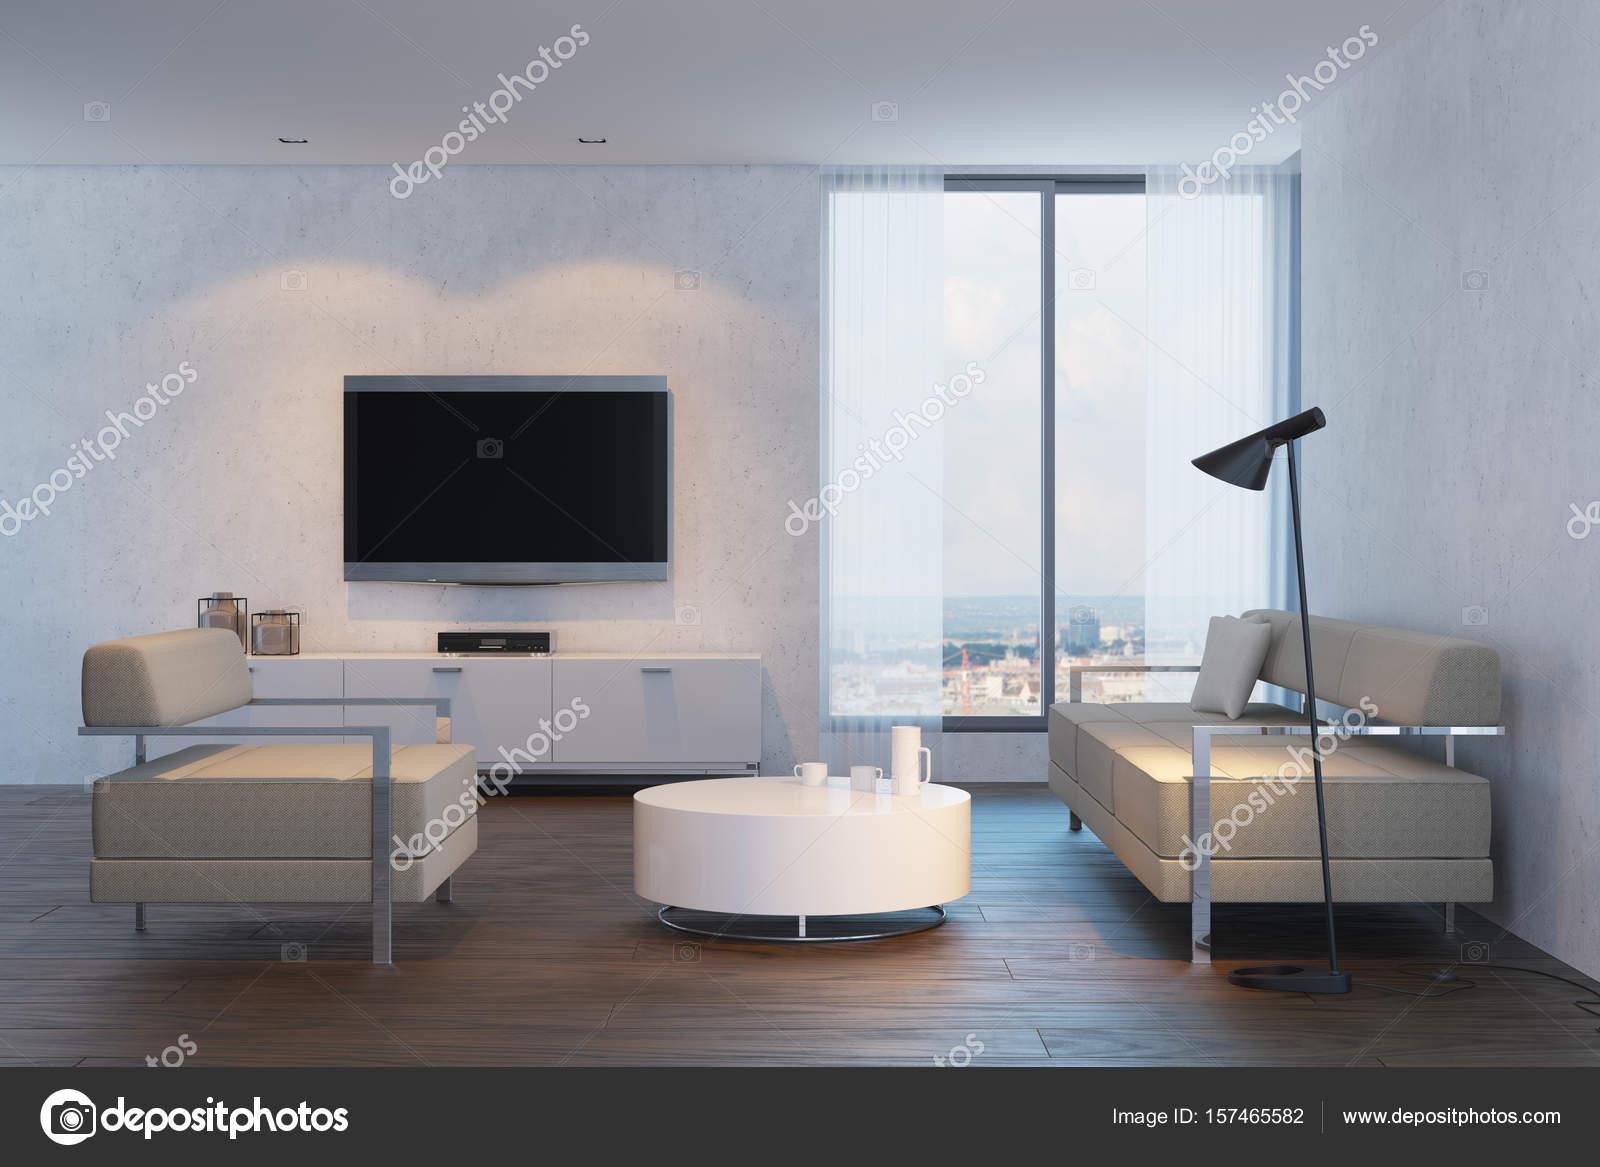 modernes Design Wohnzimmer — Stockfoto © auriso #157465582